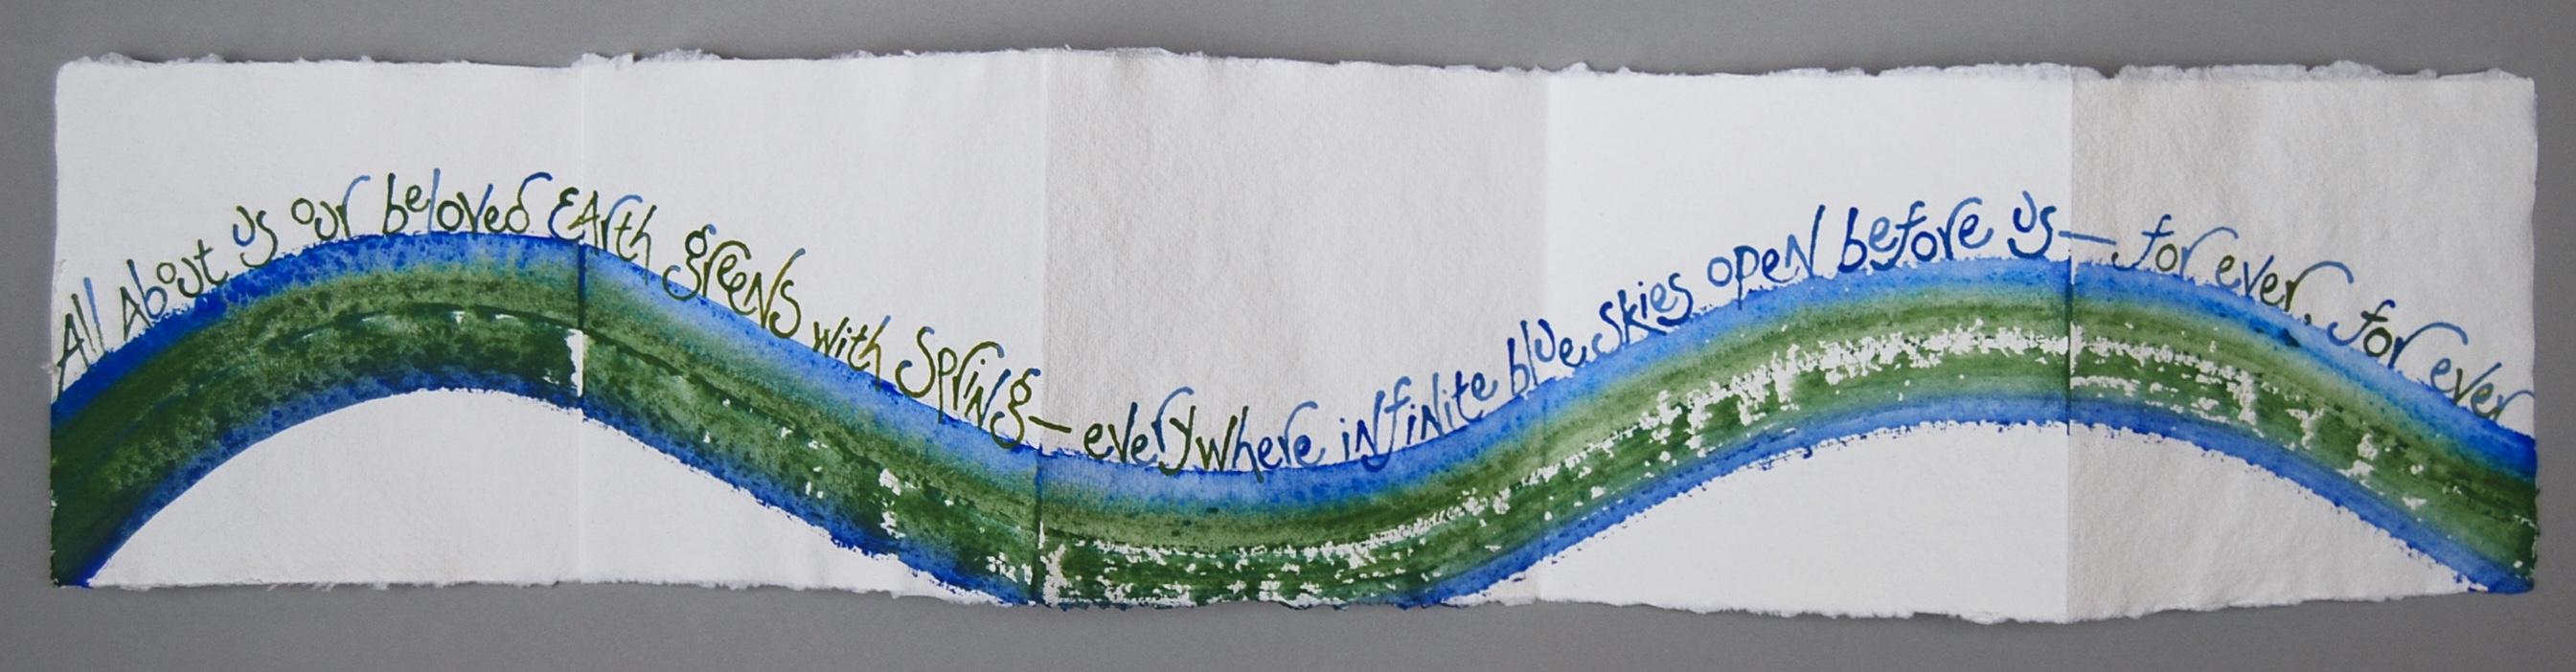 Spring  (artist's book by Liz Mathews) words from Mahler's Das Lied von der Erde